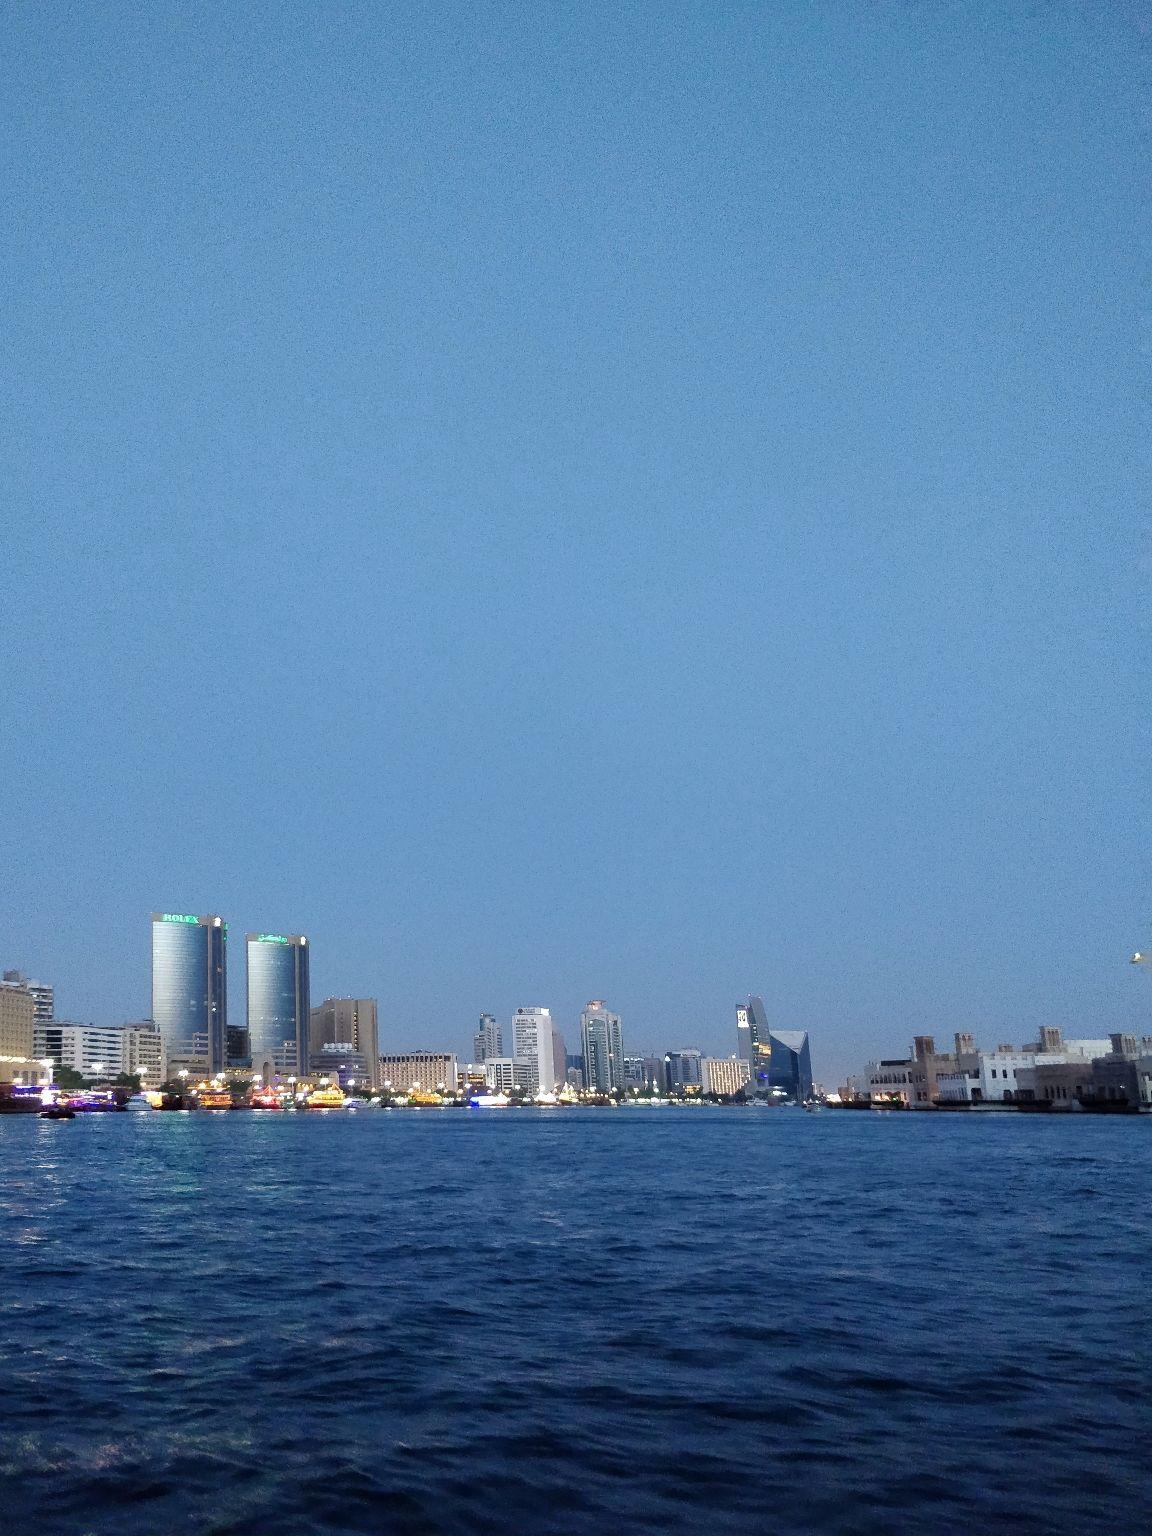 Photo of Dubai - United Arab Emirates By Visal Babu